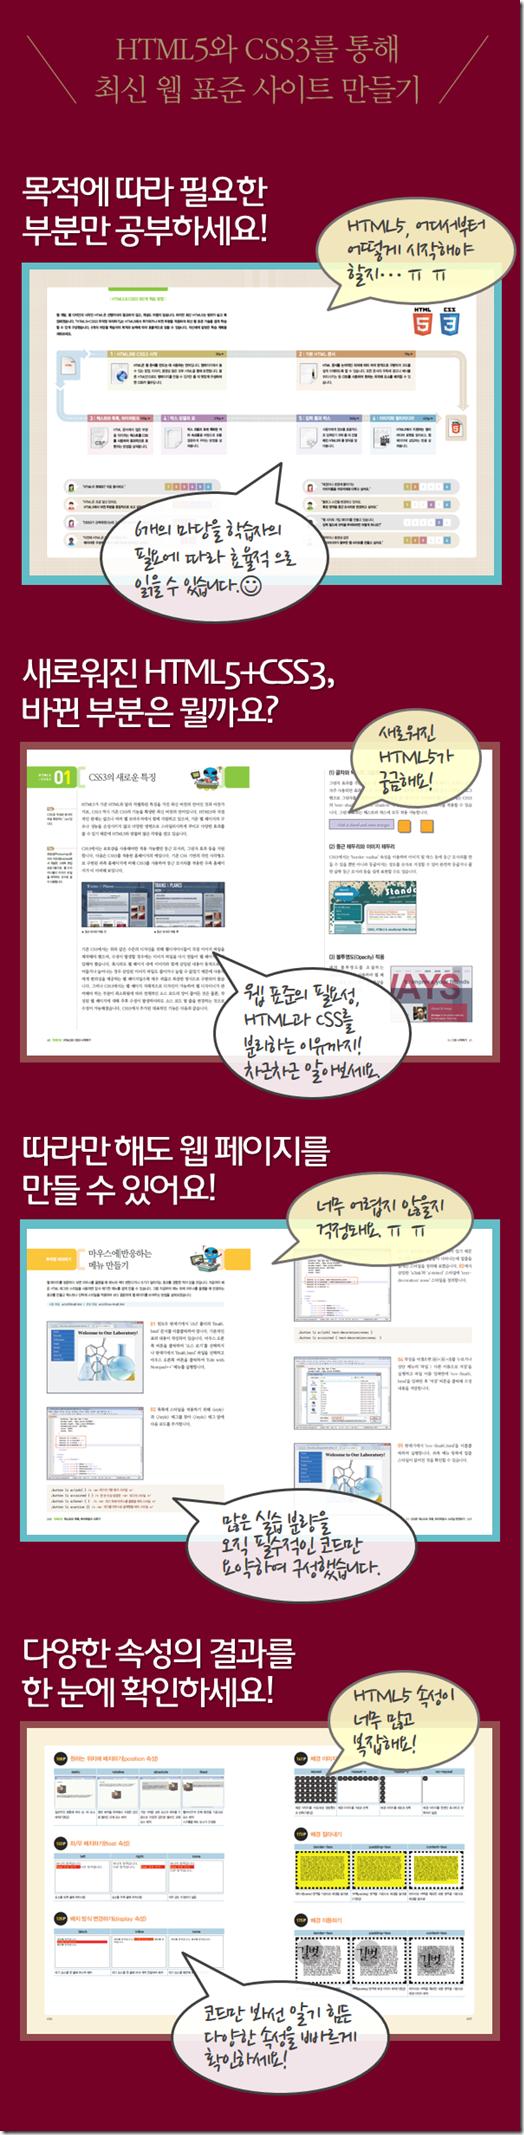 도서소개_HTML5무따기